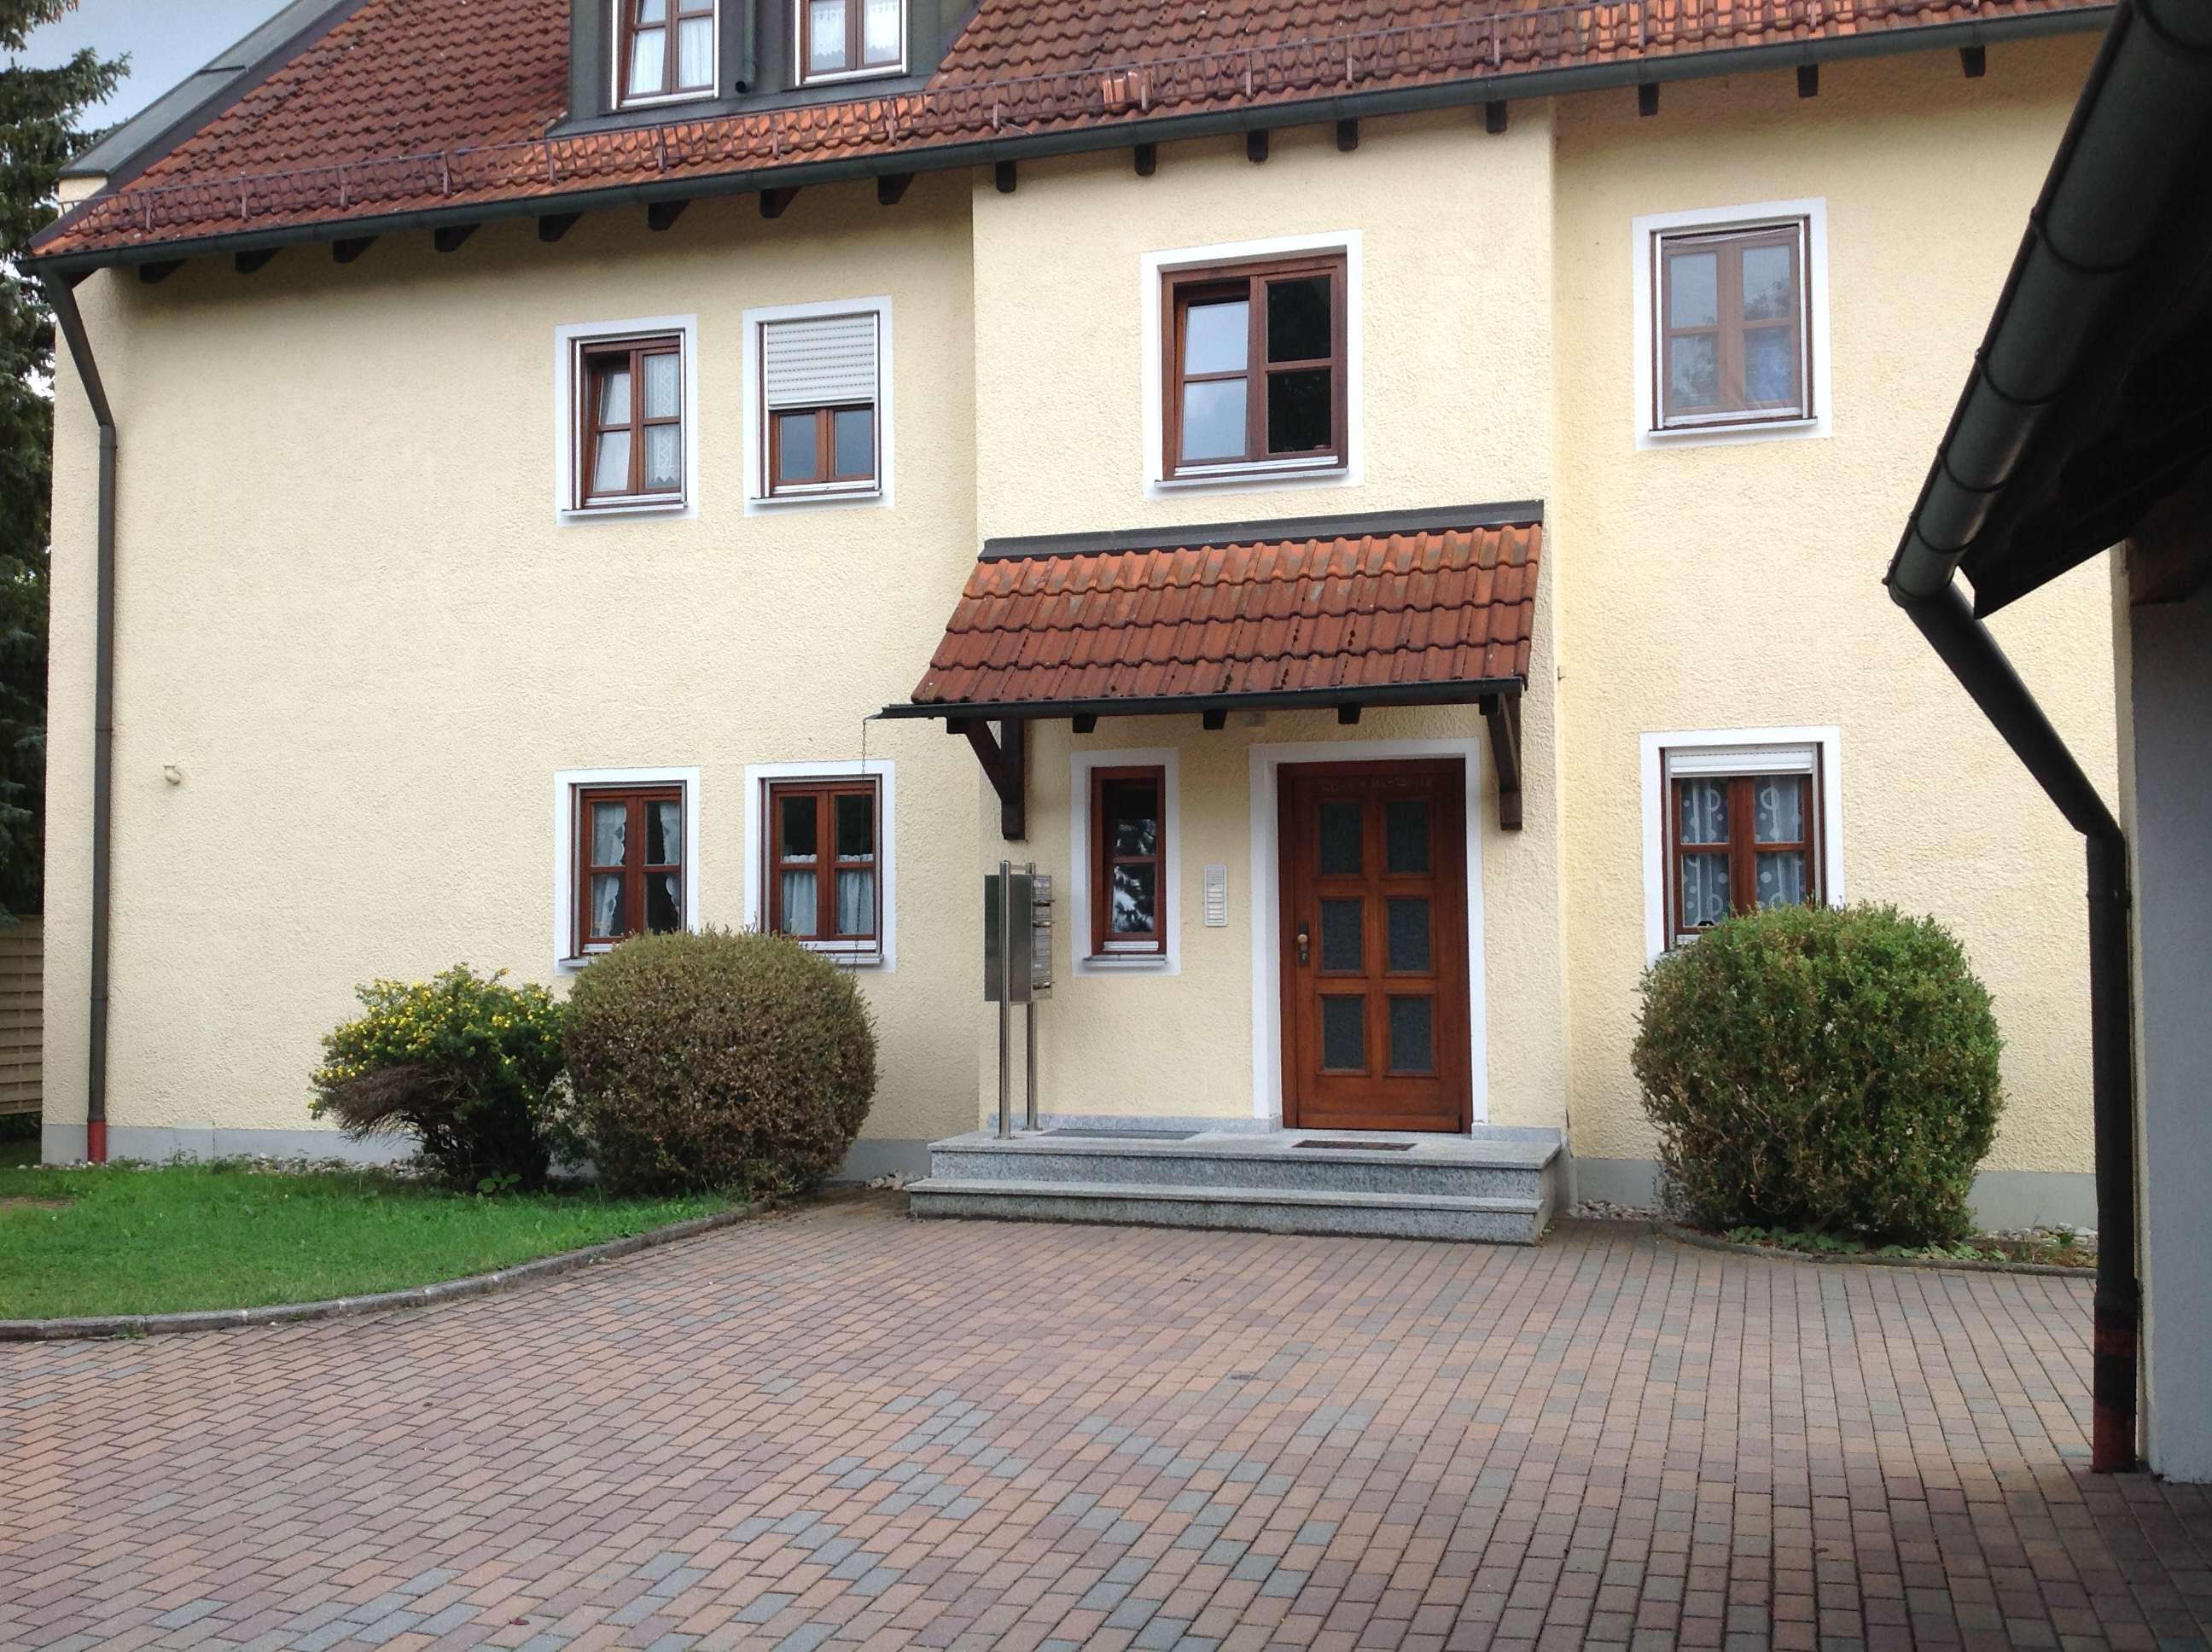 3-Zimmer-Wohnung mit Balkon in Moosburg